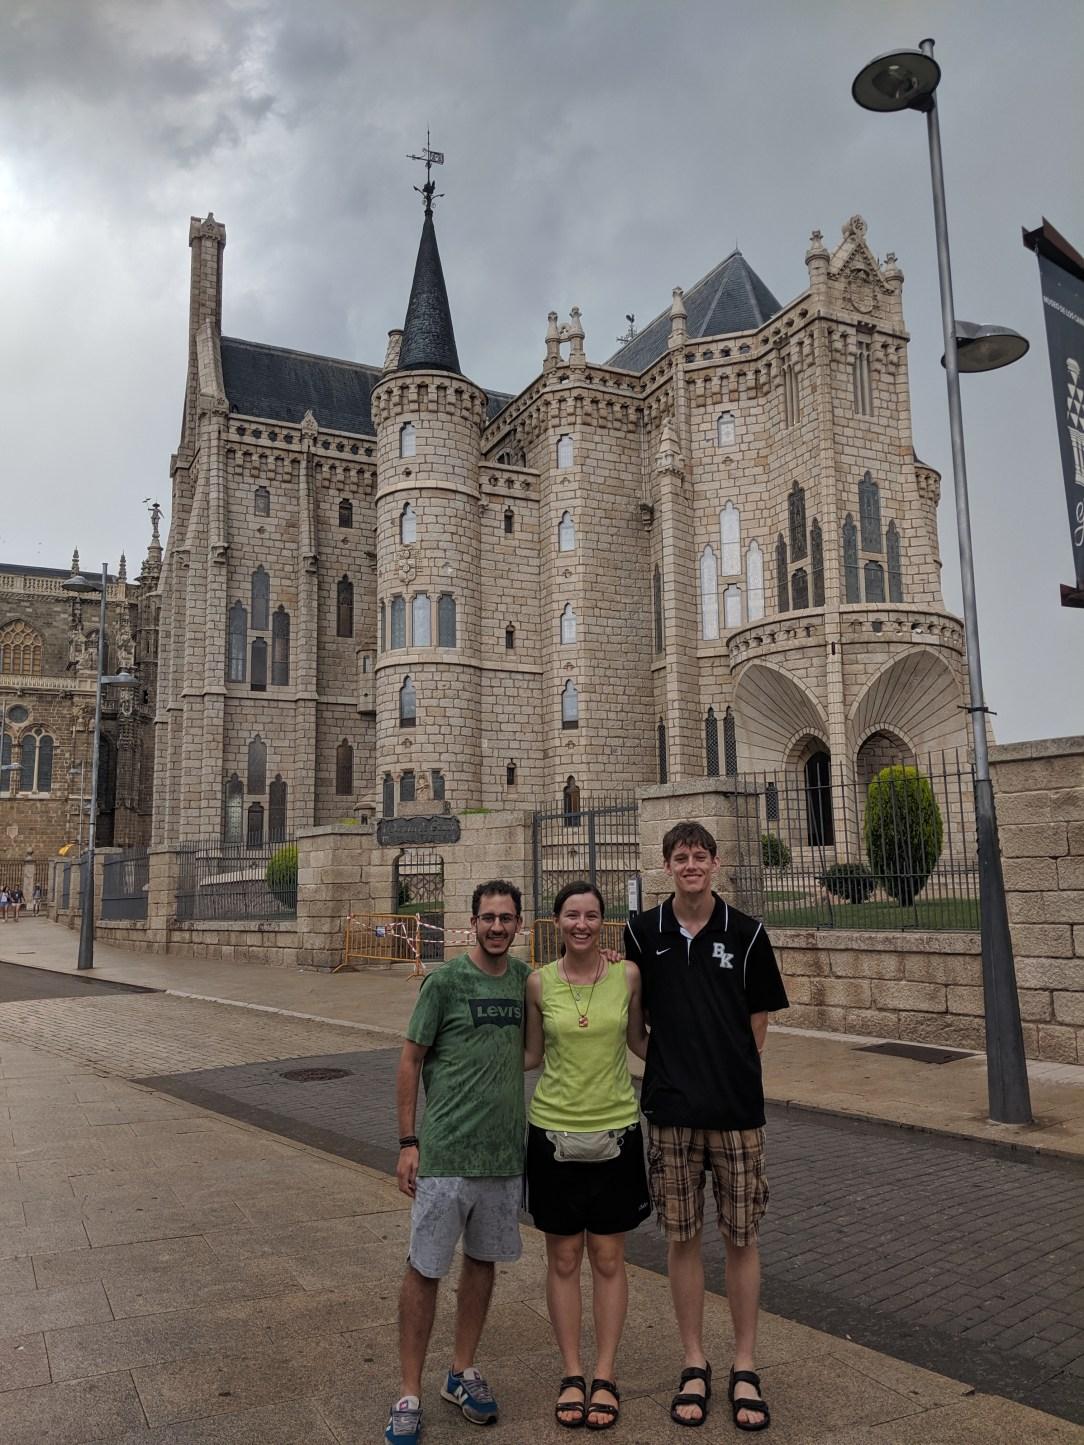 Astorga, Spain, Gaudi's Palace, Castilla y Leon